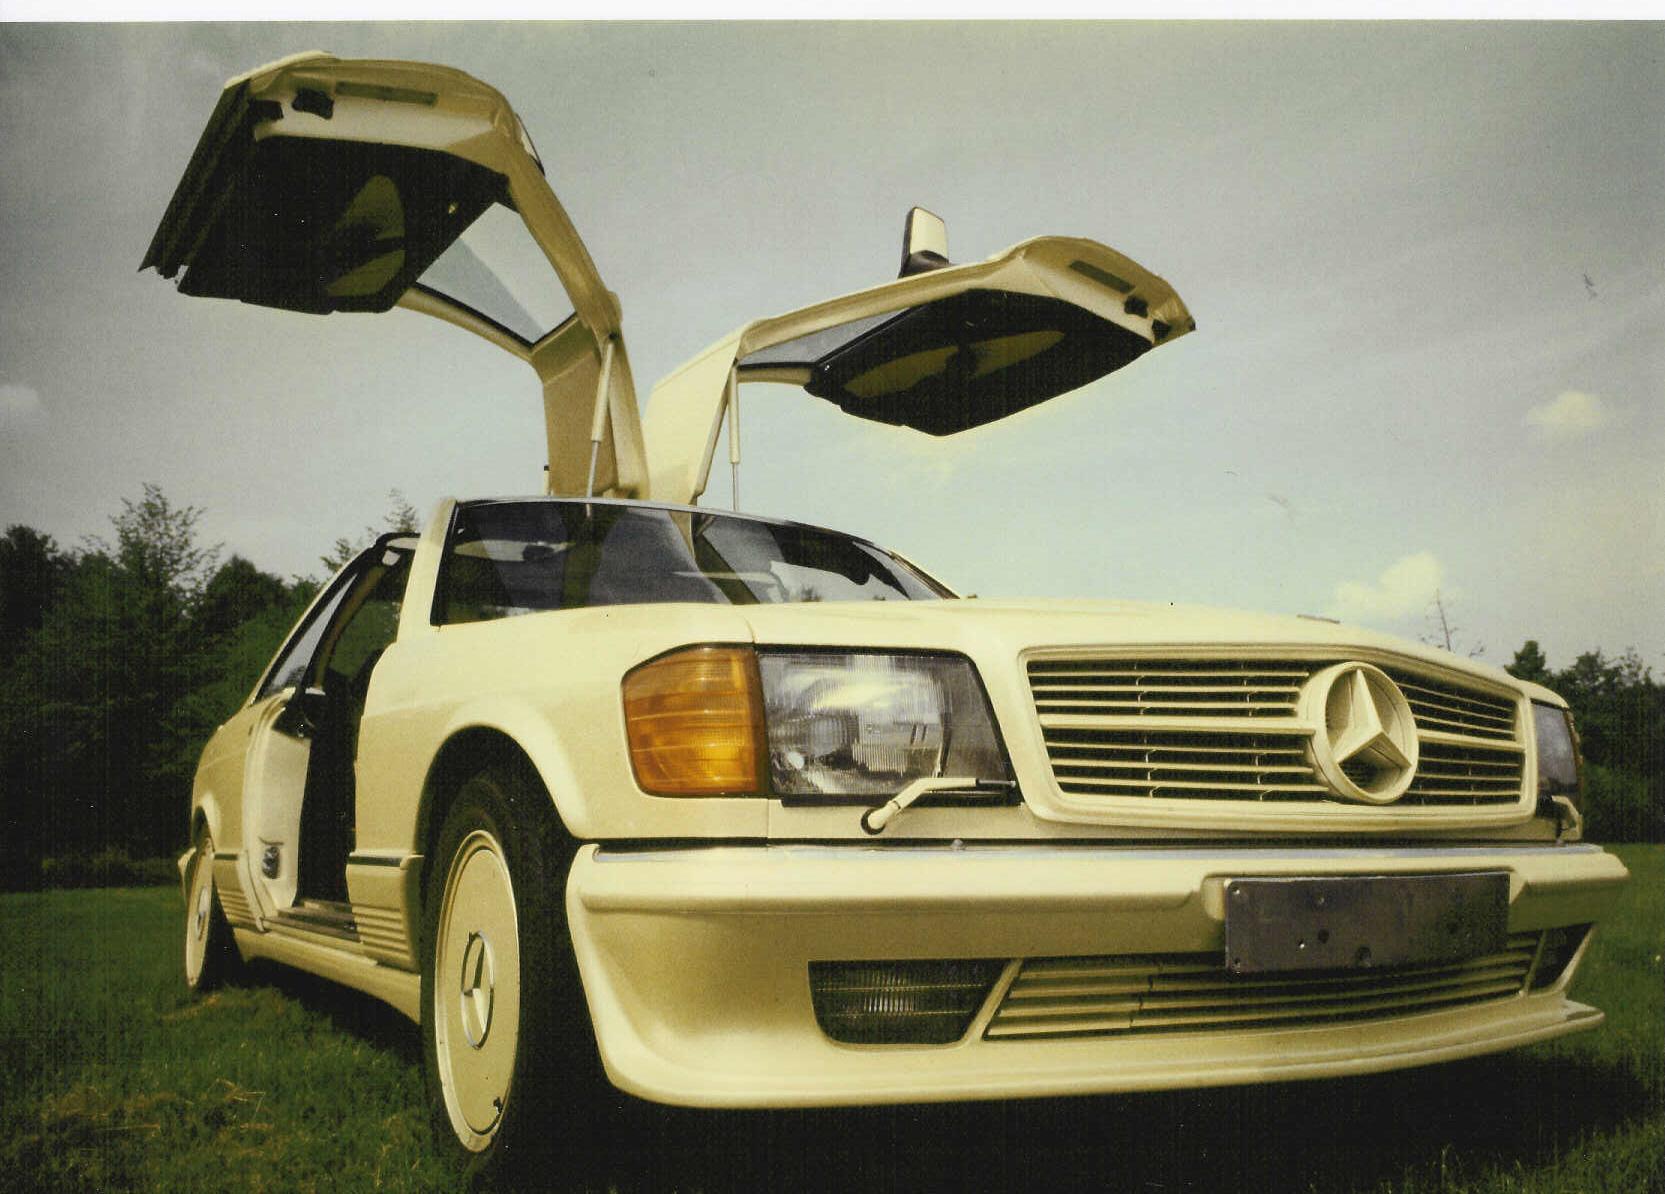 Der Wagen, der Chris Hahn berühmt gemacht hat: ein mit Flügeltüren versehener Mercedes 500 SEC aus dem Jahr 1983.